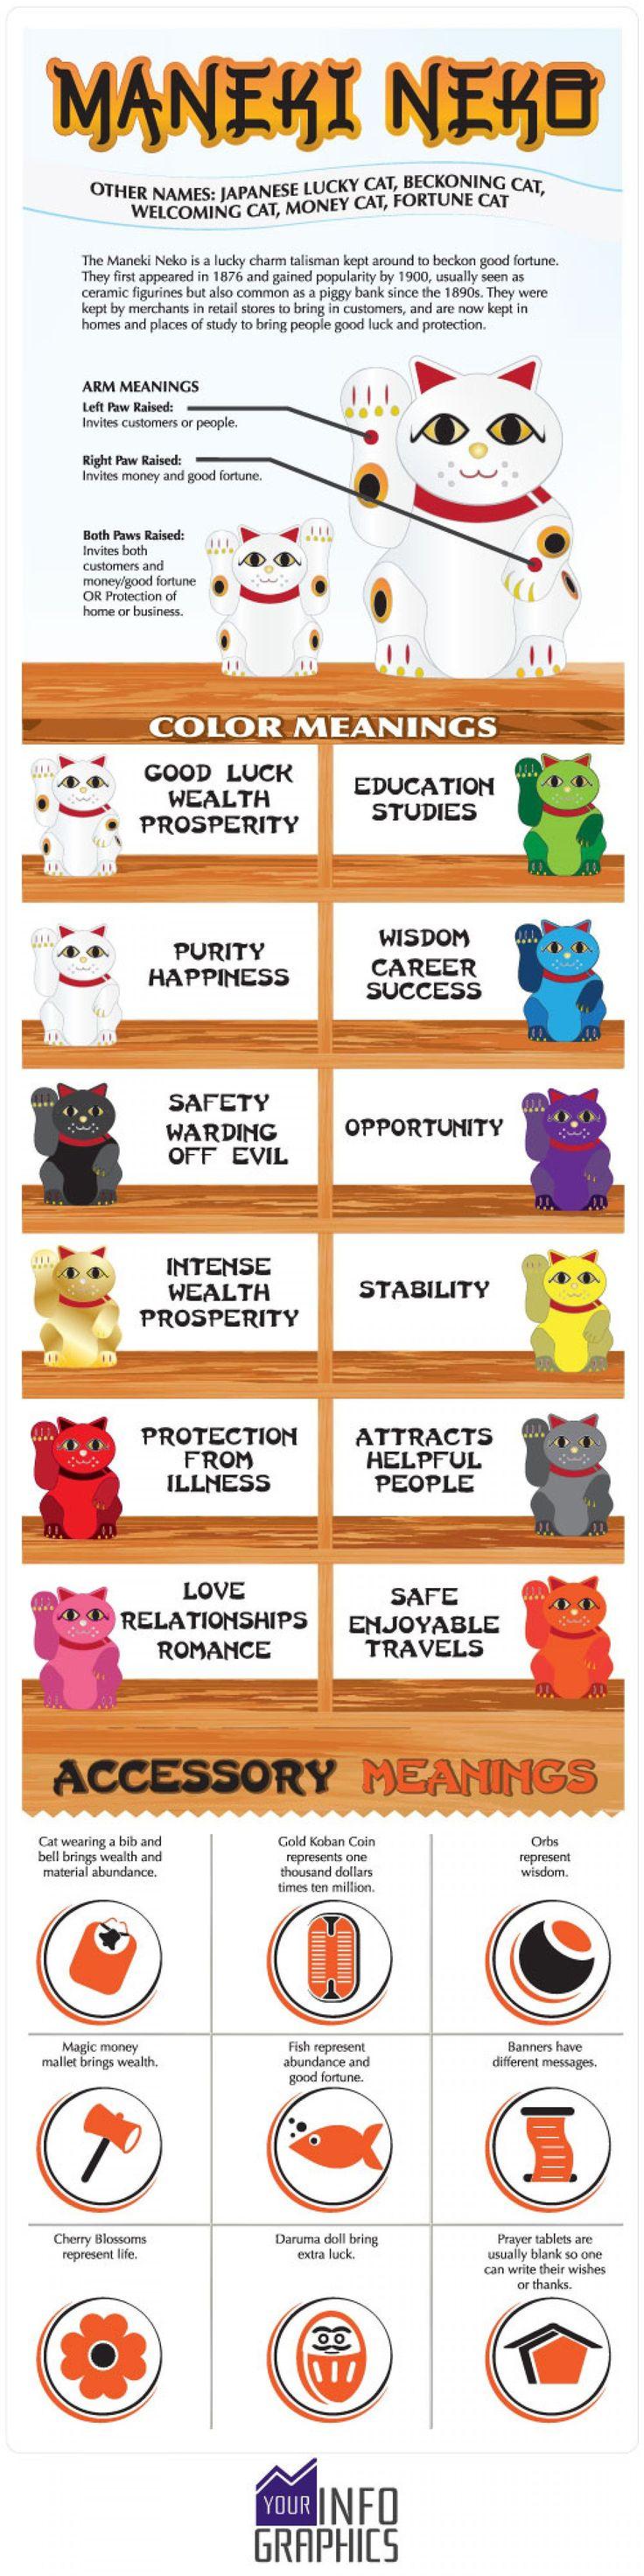 Maneki Neko Lucky Cat Infographic #Infographic #LuckyCatInfographic #LuckyCat #ManekiNeko